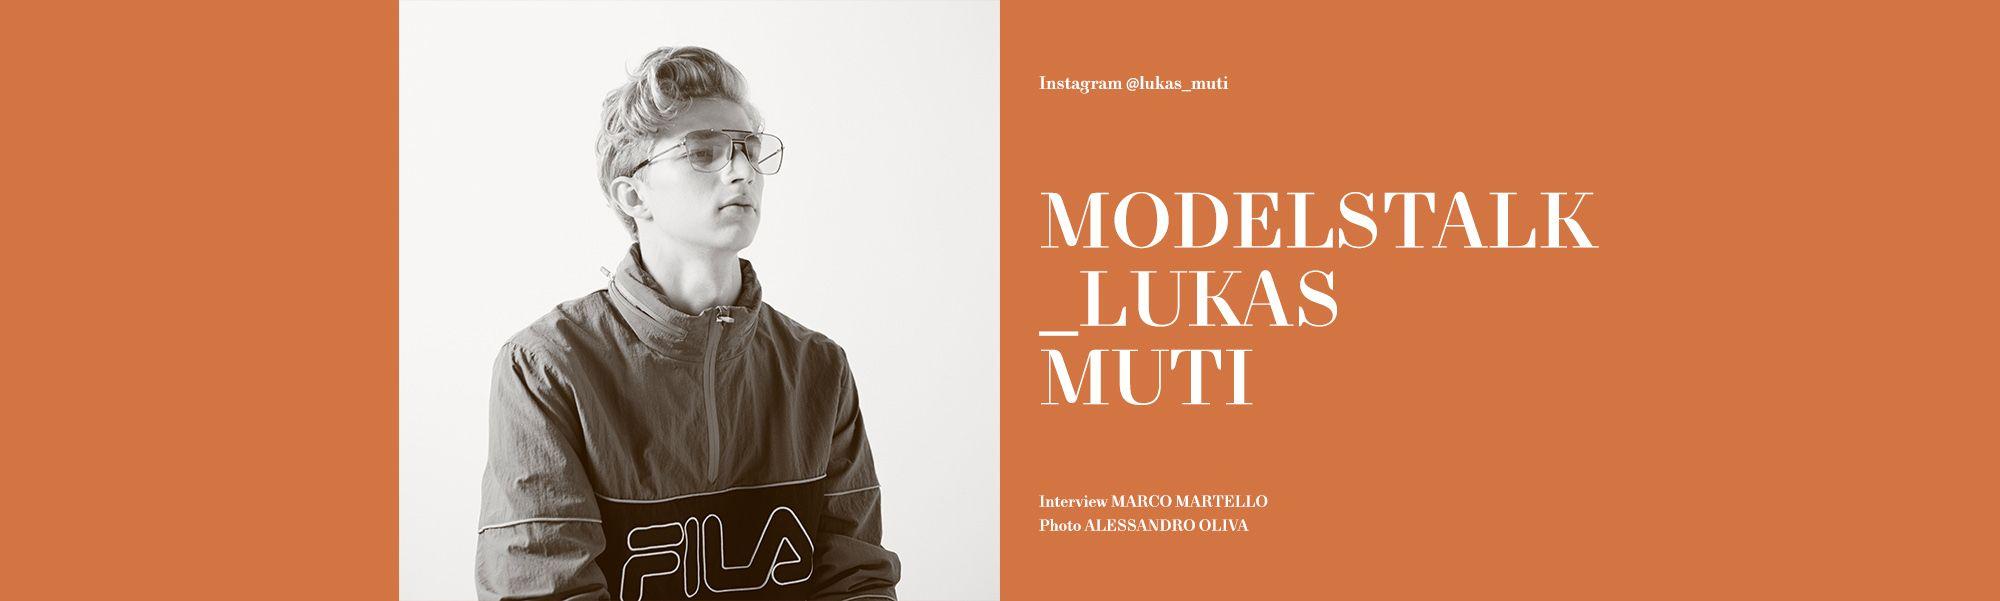 lukas-muti-thegreatestmagazine-banner